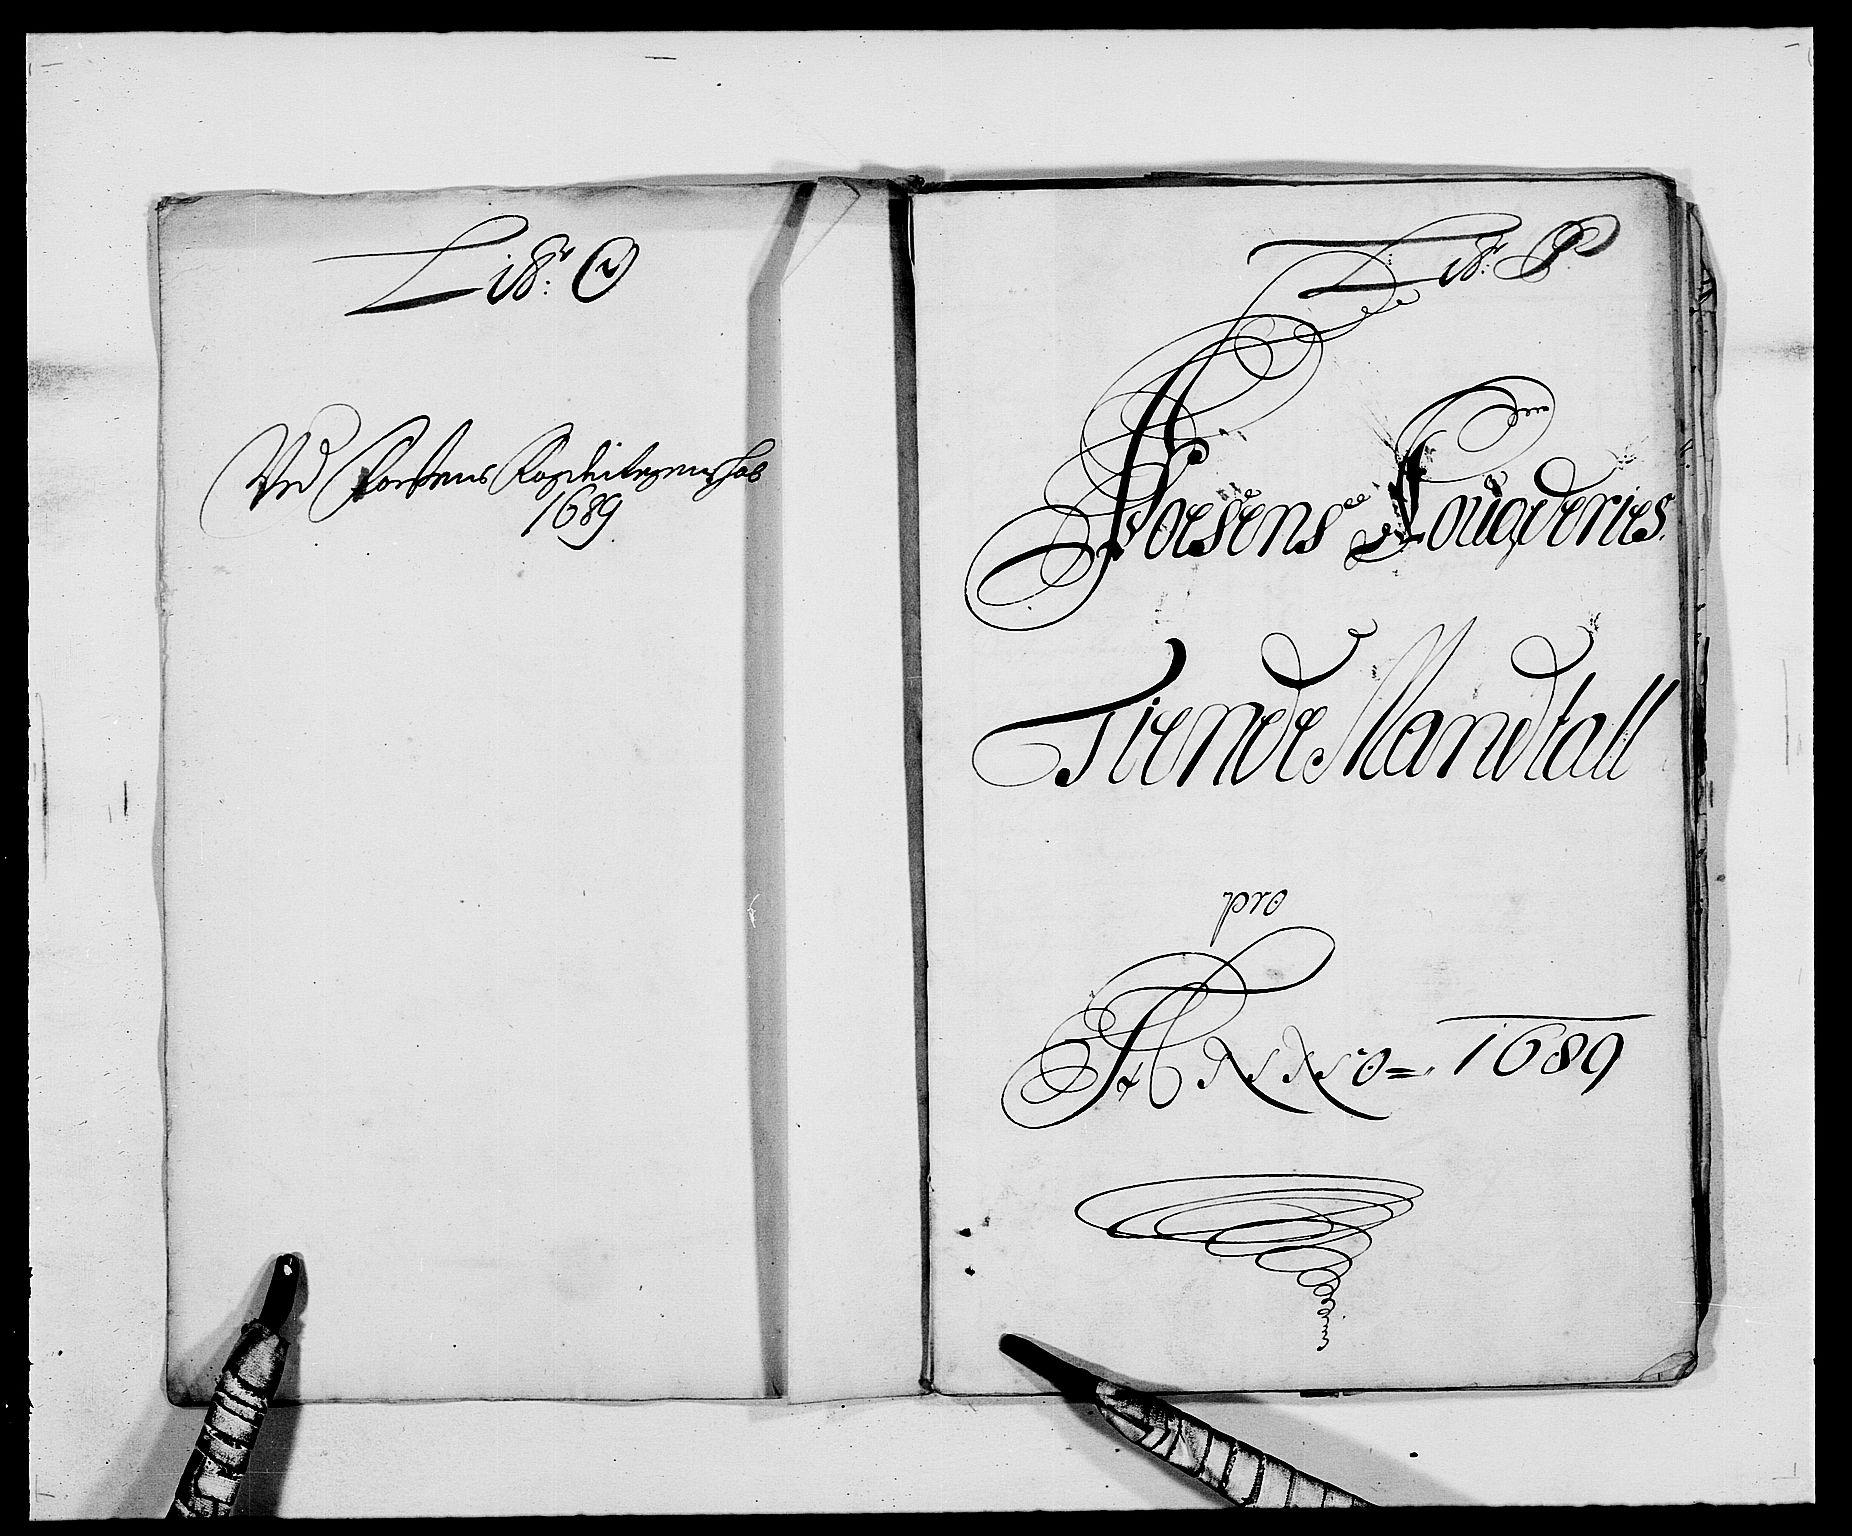 RA, Rentekammeret inntil 1814, Reviderte regnskaper, Fogderegnskap, R57/L3847: Fogderegnskap Fosen, 1689, s. 120